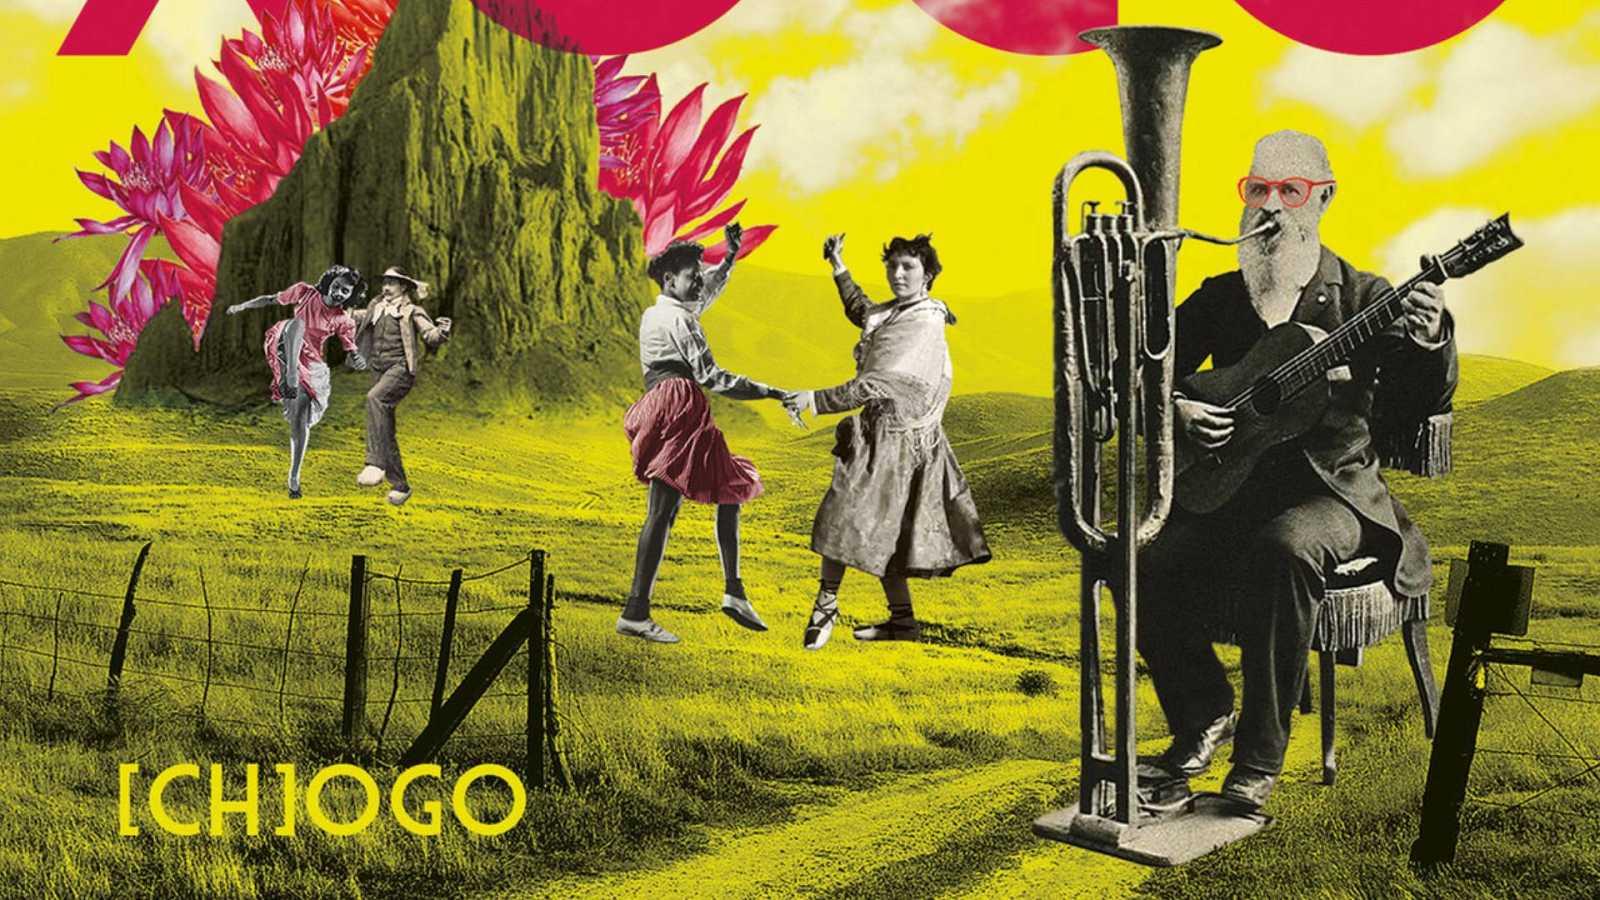 Sonideros: Kiko Helguera - La tierra de los hombres íntegros - 09/05/21 - escuchar ahora